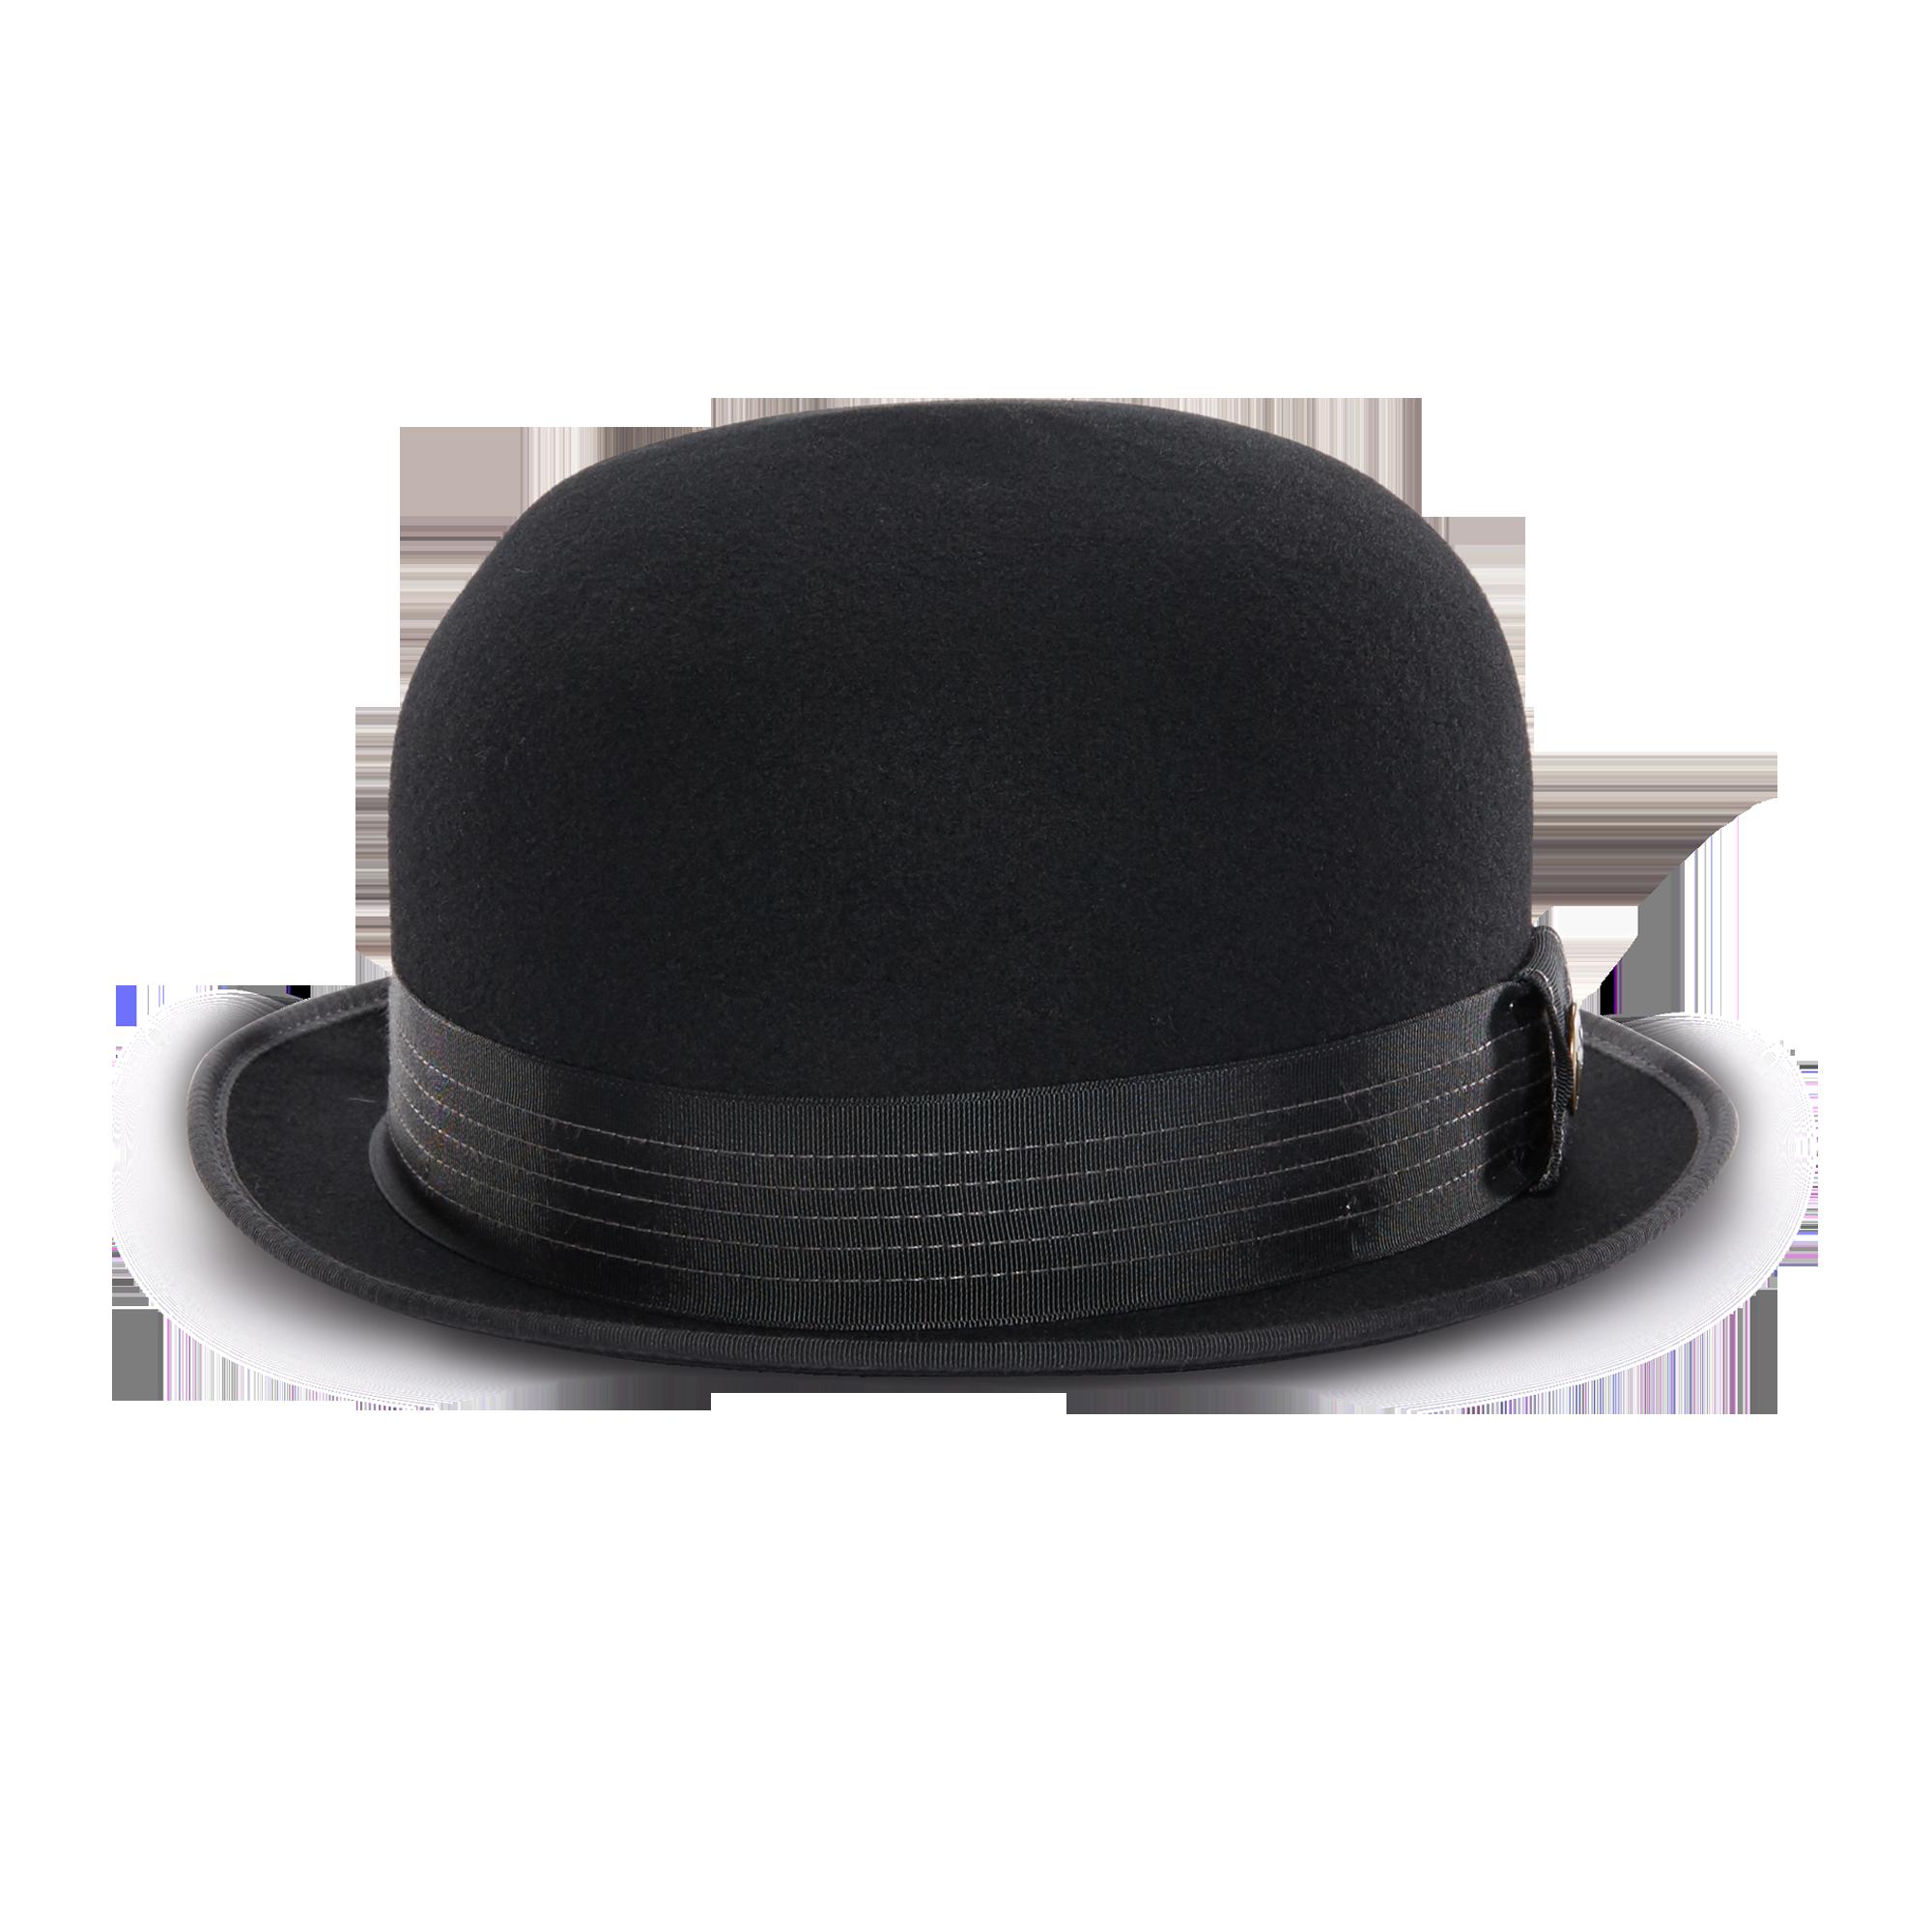 bowler hat samson - b2c catalog ueolyev